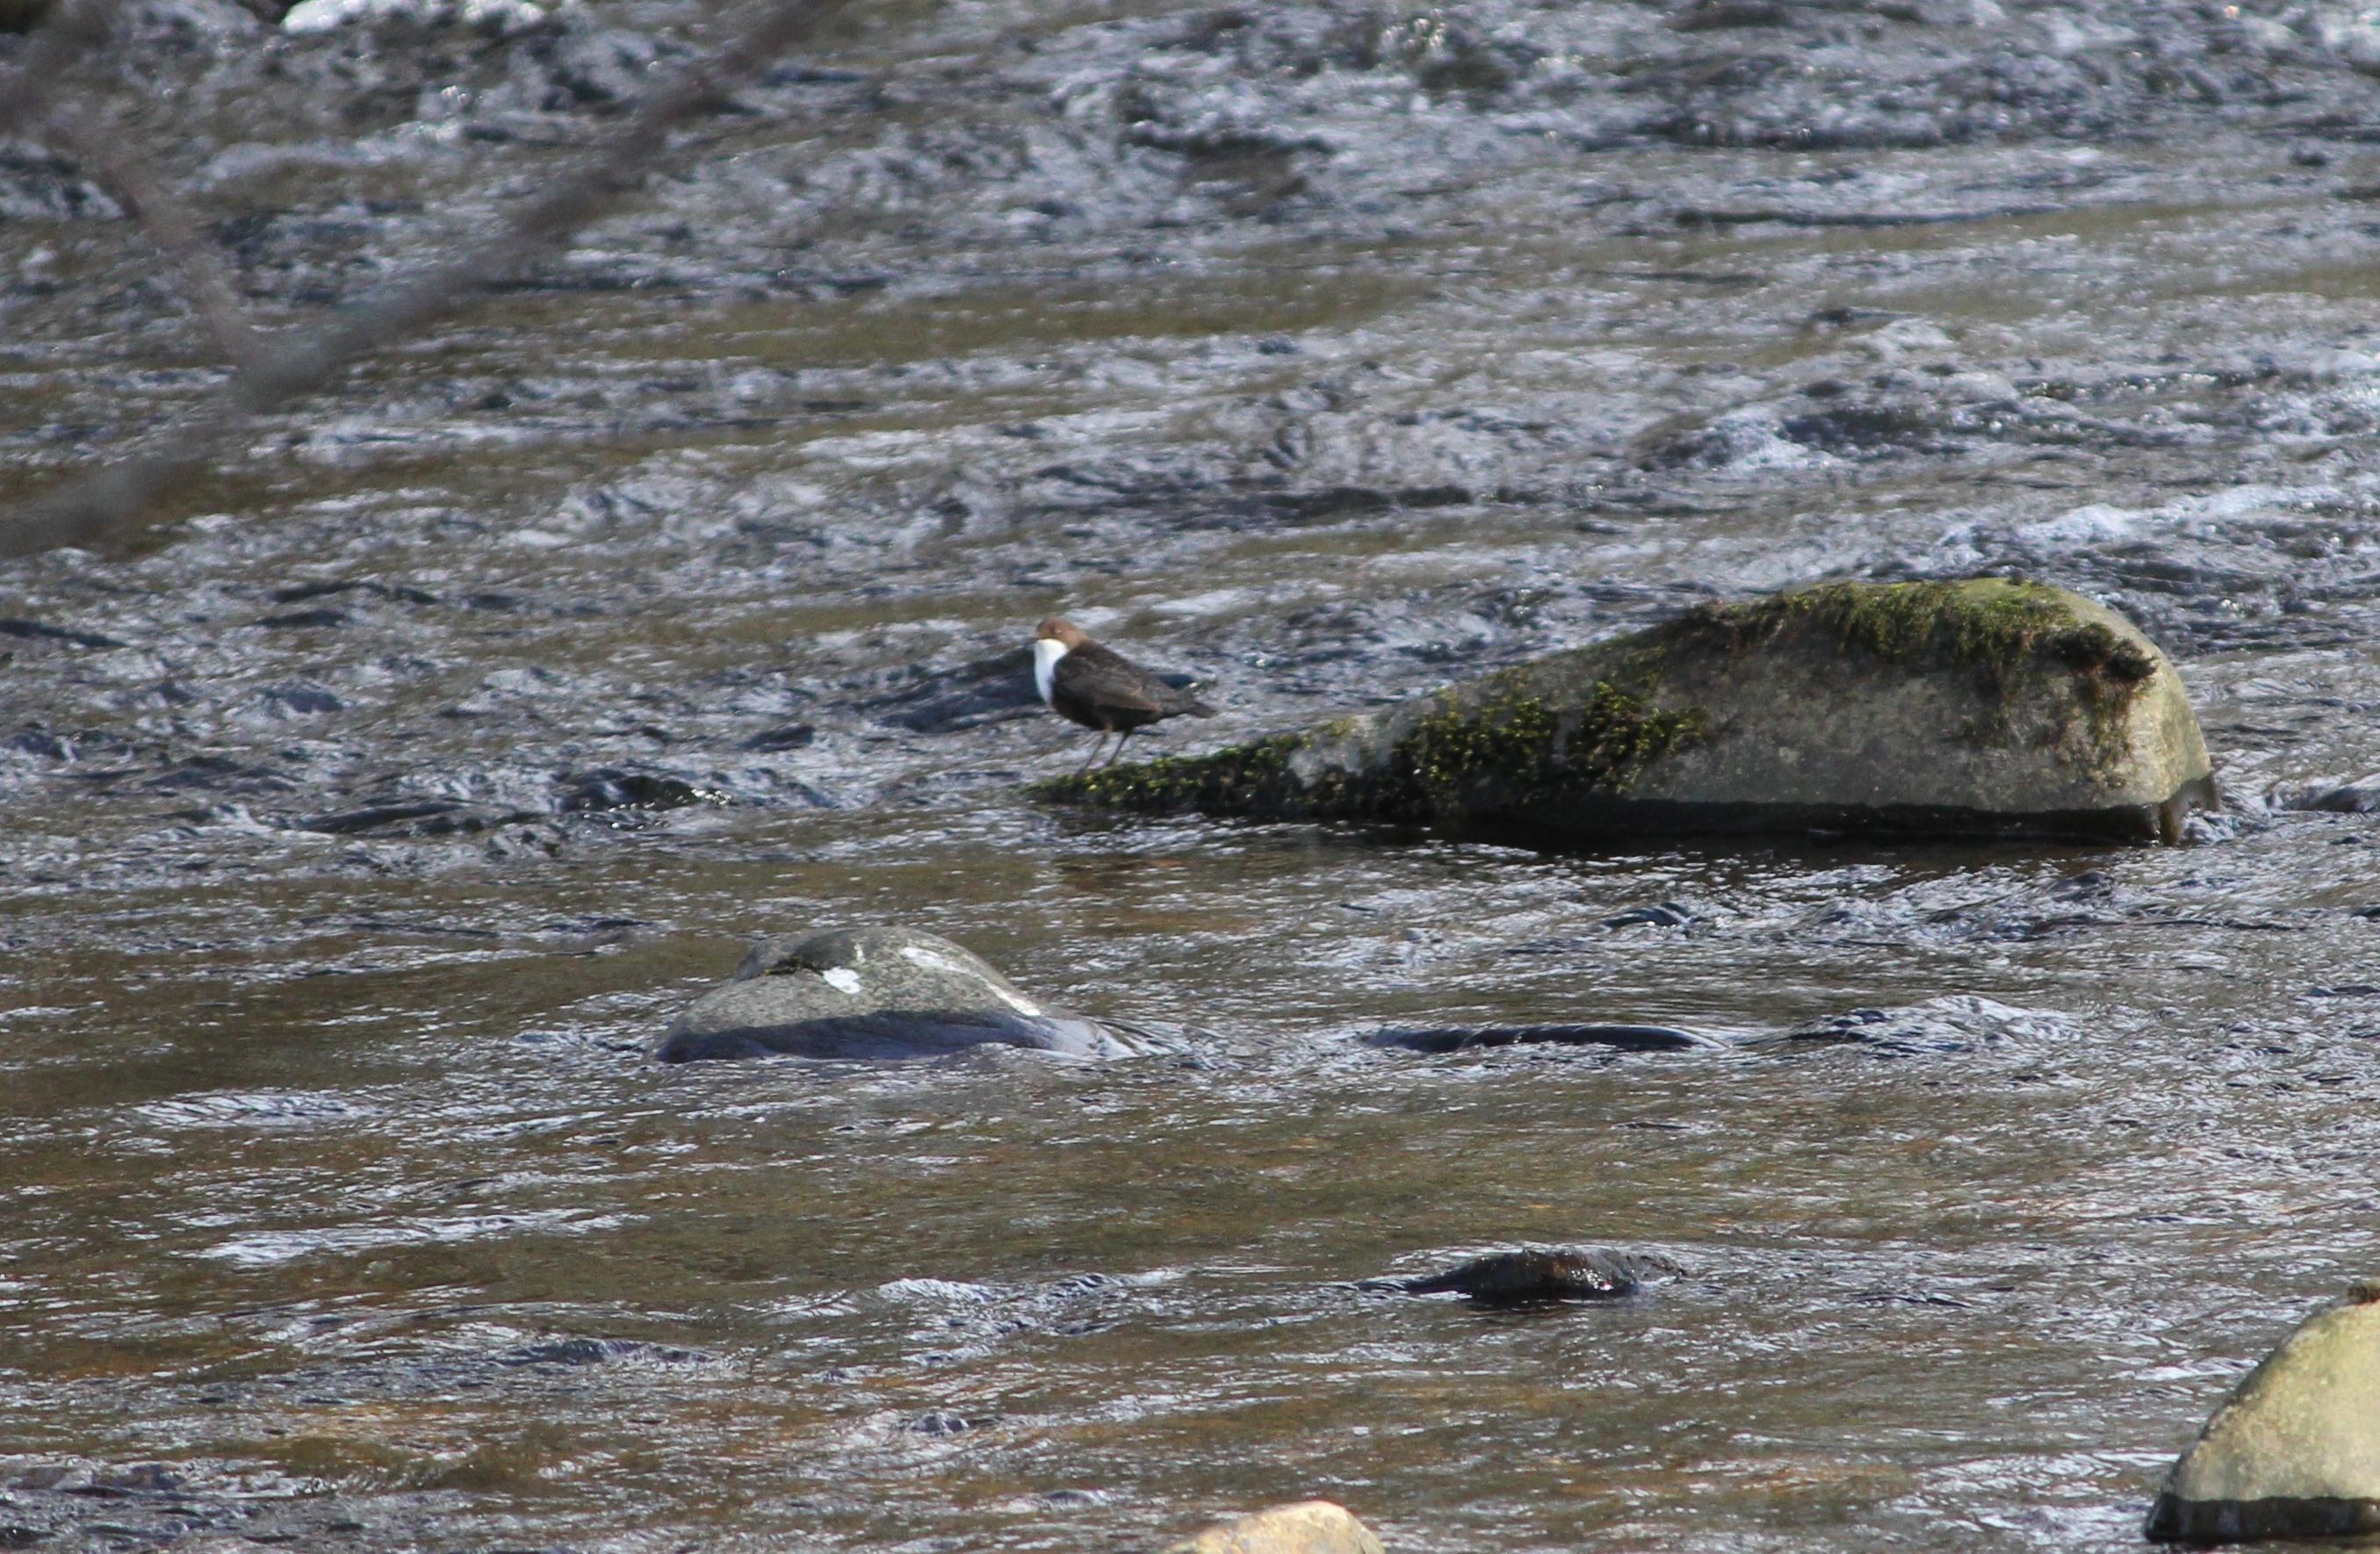 Dipper on the River Livet